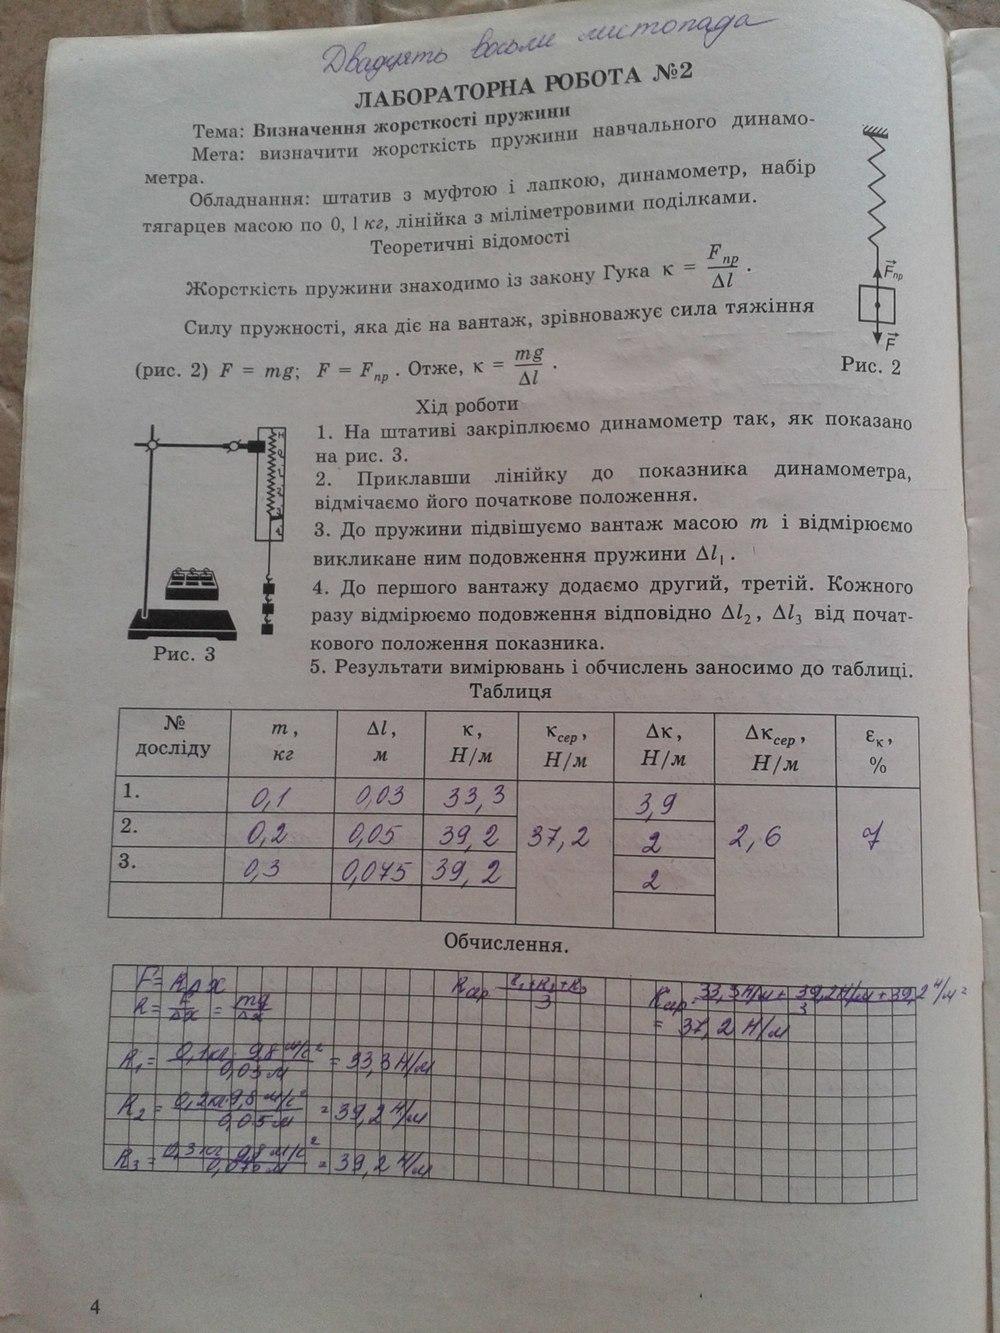 ГДЗ відповіді робочий зошит по физике 9 класс . Задание: стр. 4